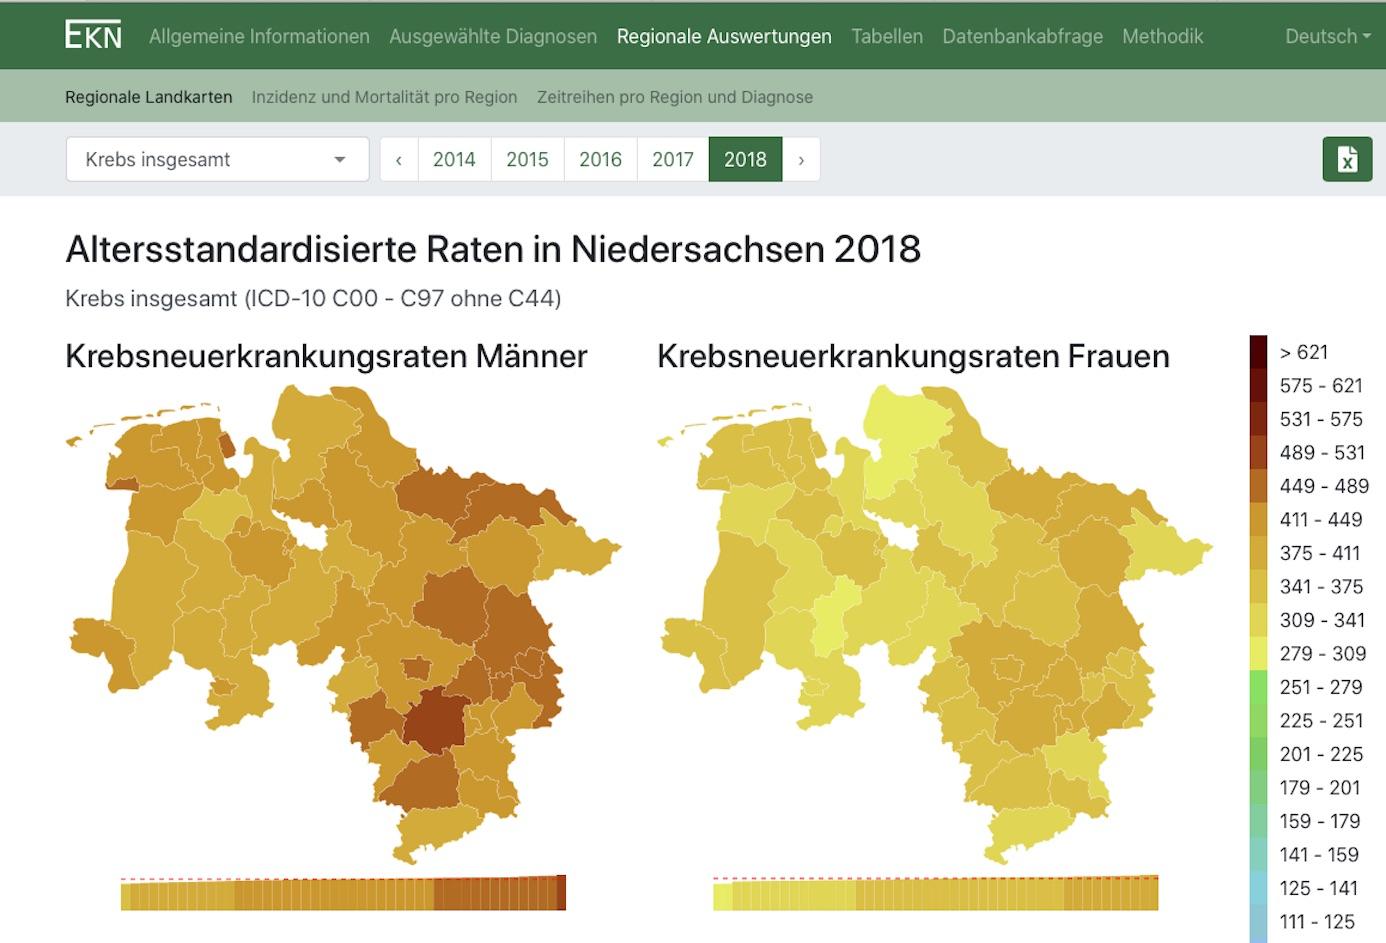 Während die Krebsneuerkrankungsrate der Frauen im Landkreis Helmstedt im Jahr 2018 im Mittel lag, zählte die der Männer mit zu den höchsten in Niedersachsen. Allerdings wurde die höchste Rate des Braunschweiger Landes und auch Niedersachsens im Landkreis Hildesheim ermittelt.